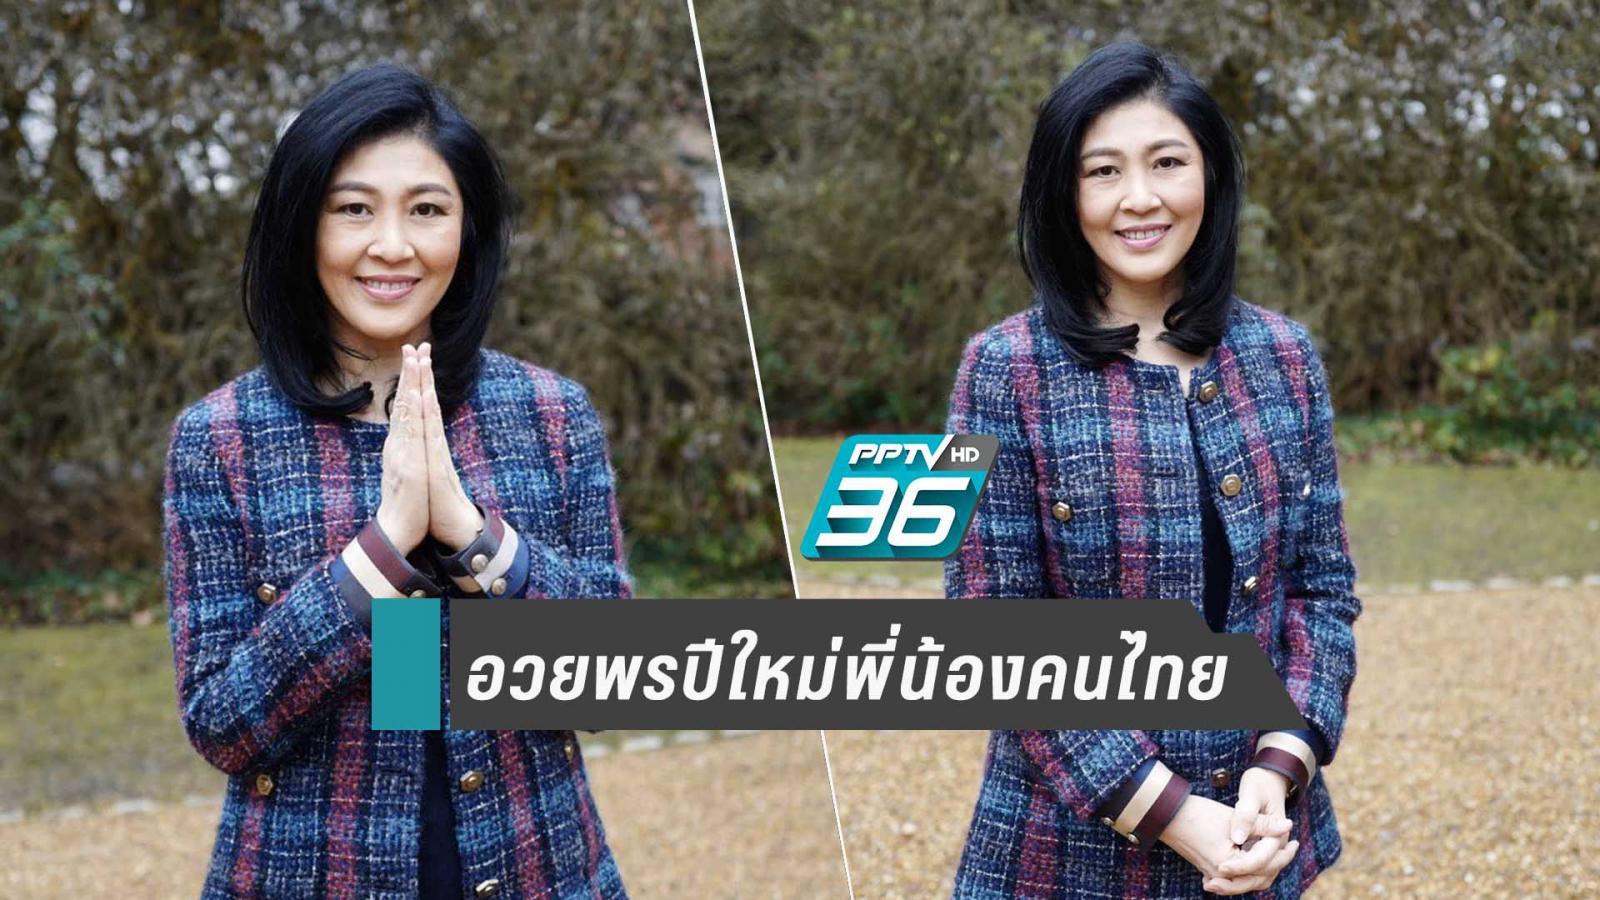 """""""ยิ่งลักษณ์"""" อวยพรปีใหม่พี่น้องประชาชนชาวไทย ขอให้เป็นปีที่สดใส รุ่งเรือง"""